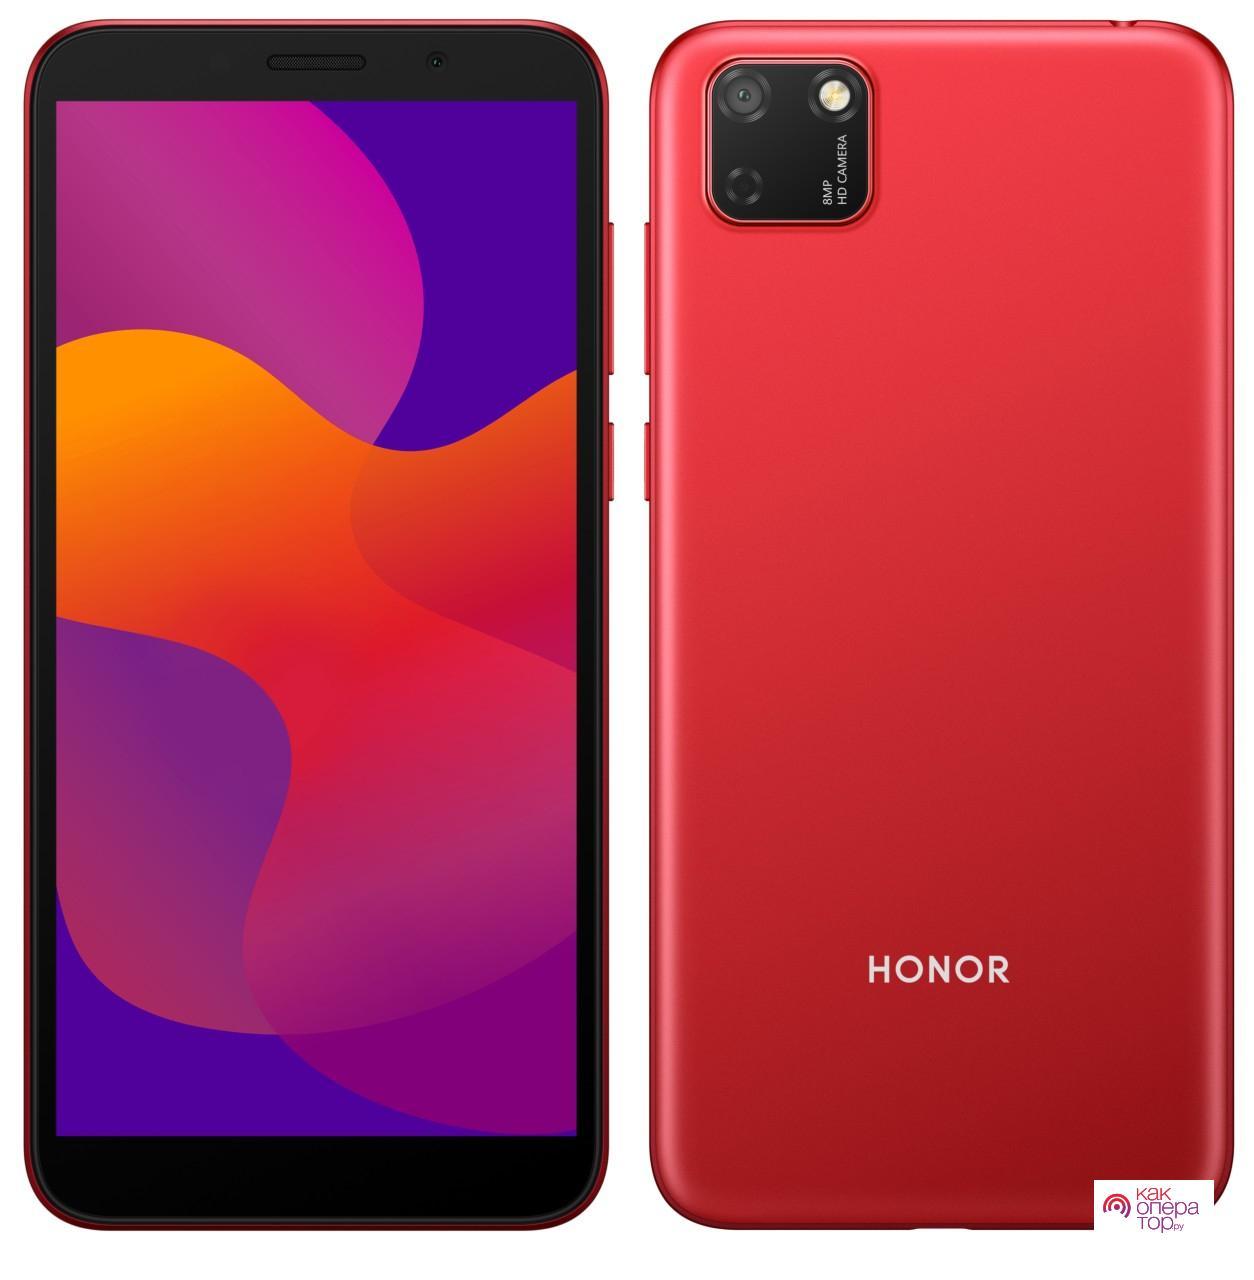 Huawei выводит на российский рынок очередную порцию смартфонов – HONOR 9C, 9A и 9S | Mobile-review.com — Новости